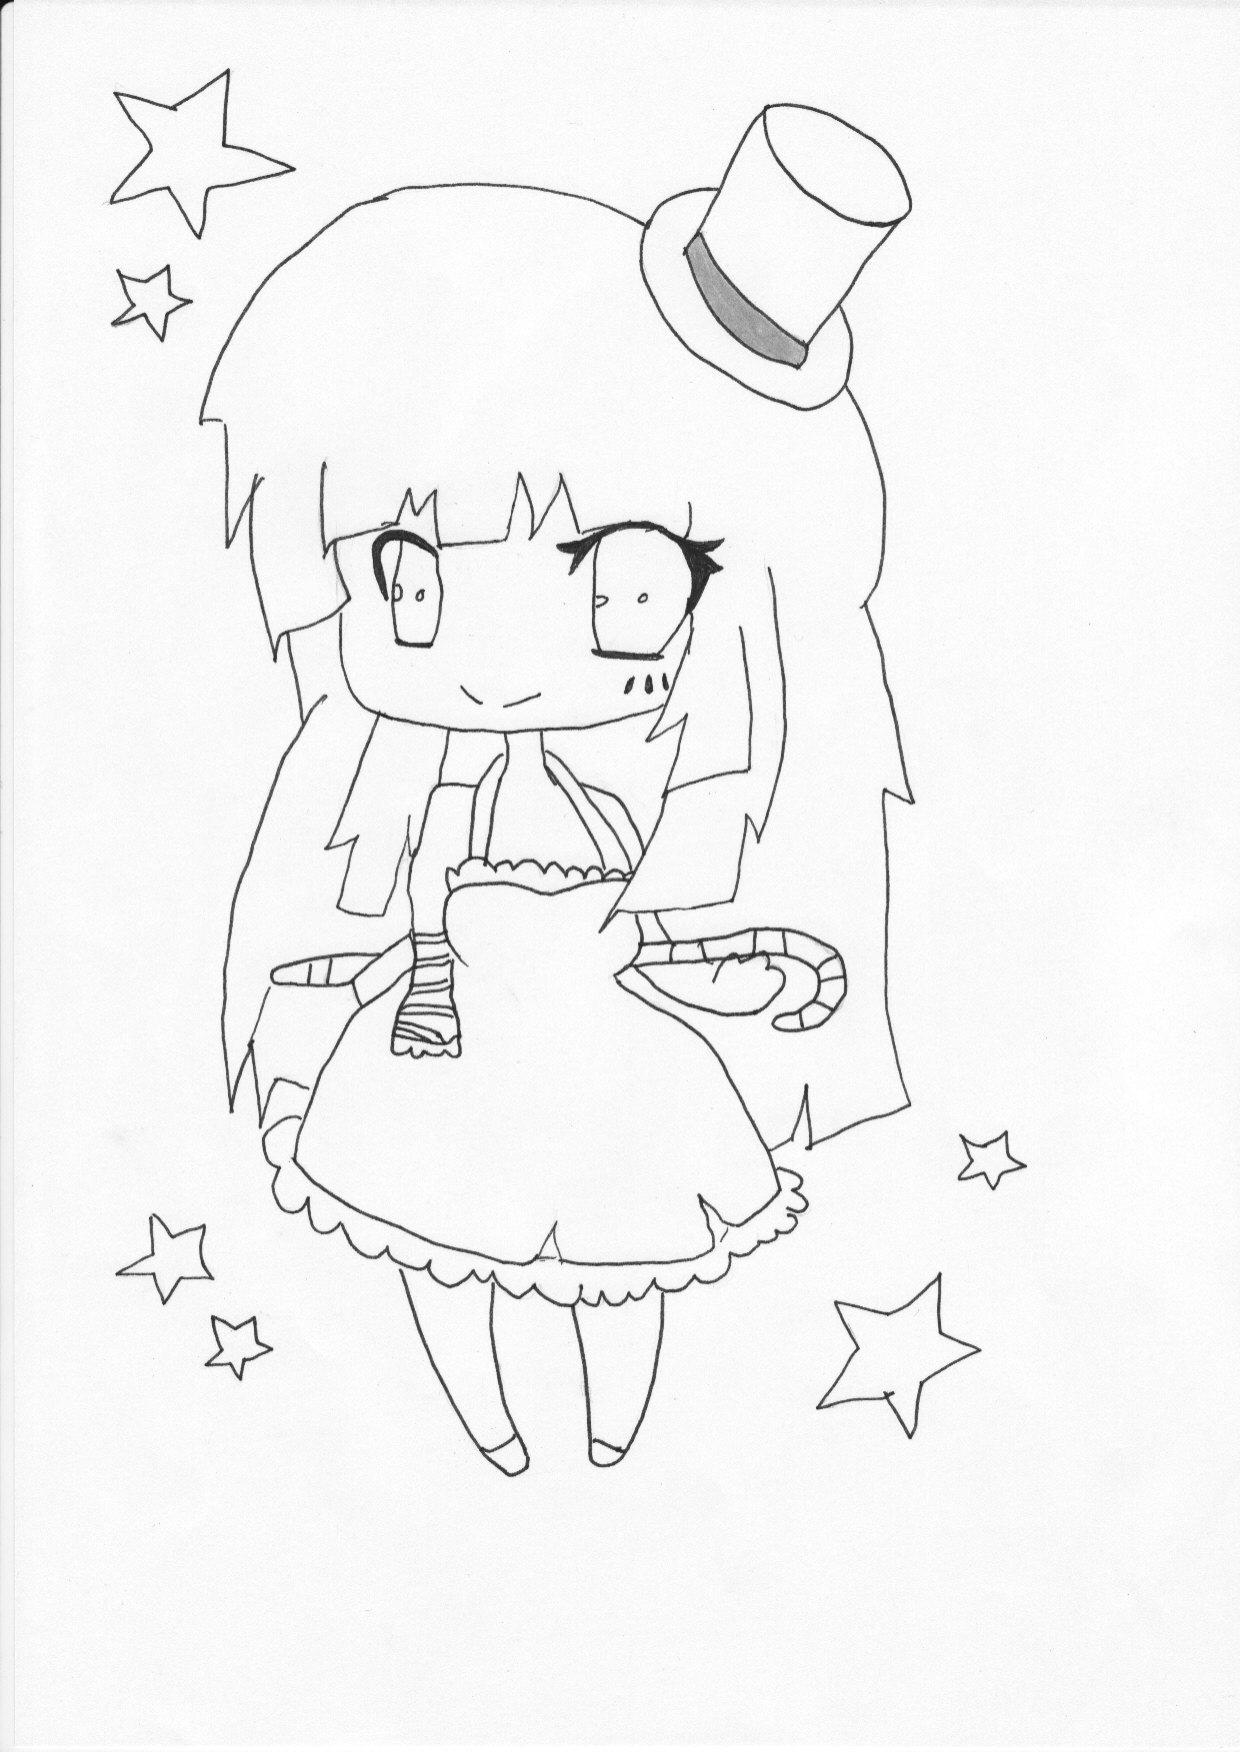 Cousin Coloriage De Miku Hatsune A Imprimer | Meilleur concernant Coloriage Fille Ado A Imprimer